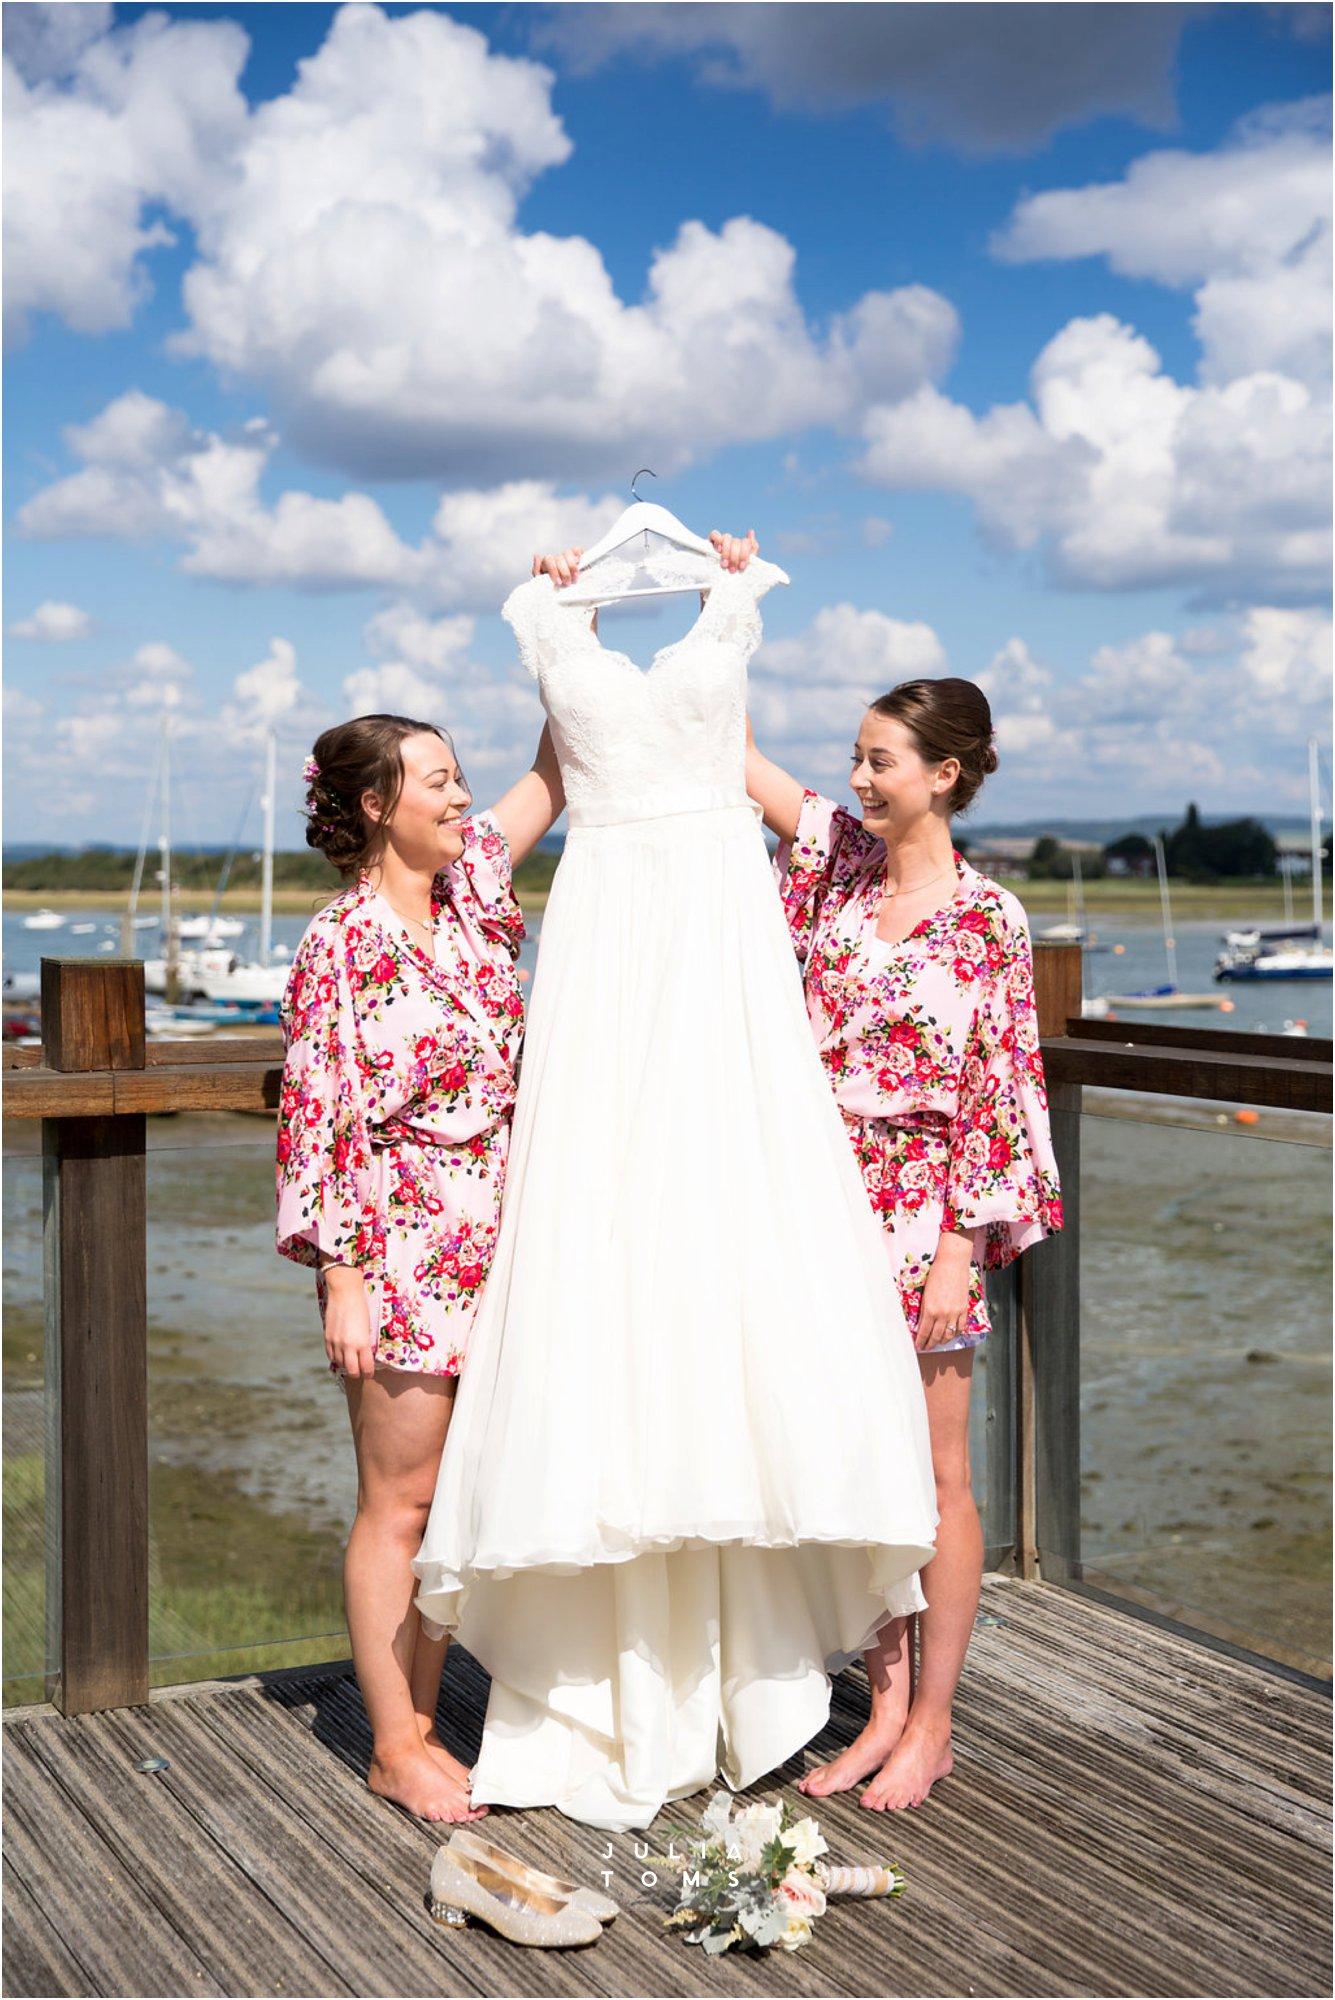 itchenor_wedding_chichester_photographer_001.jpg